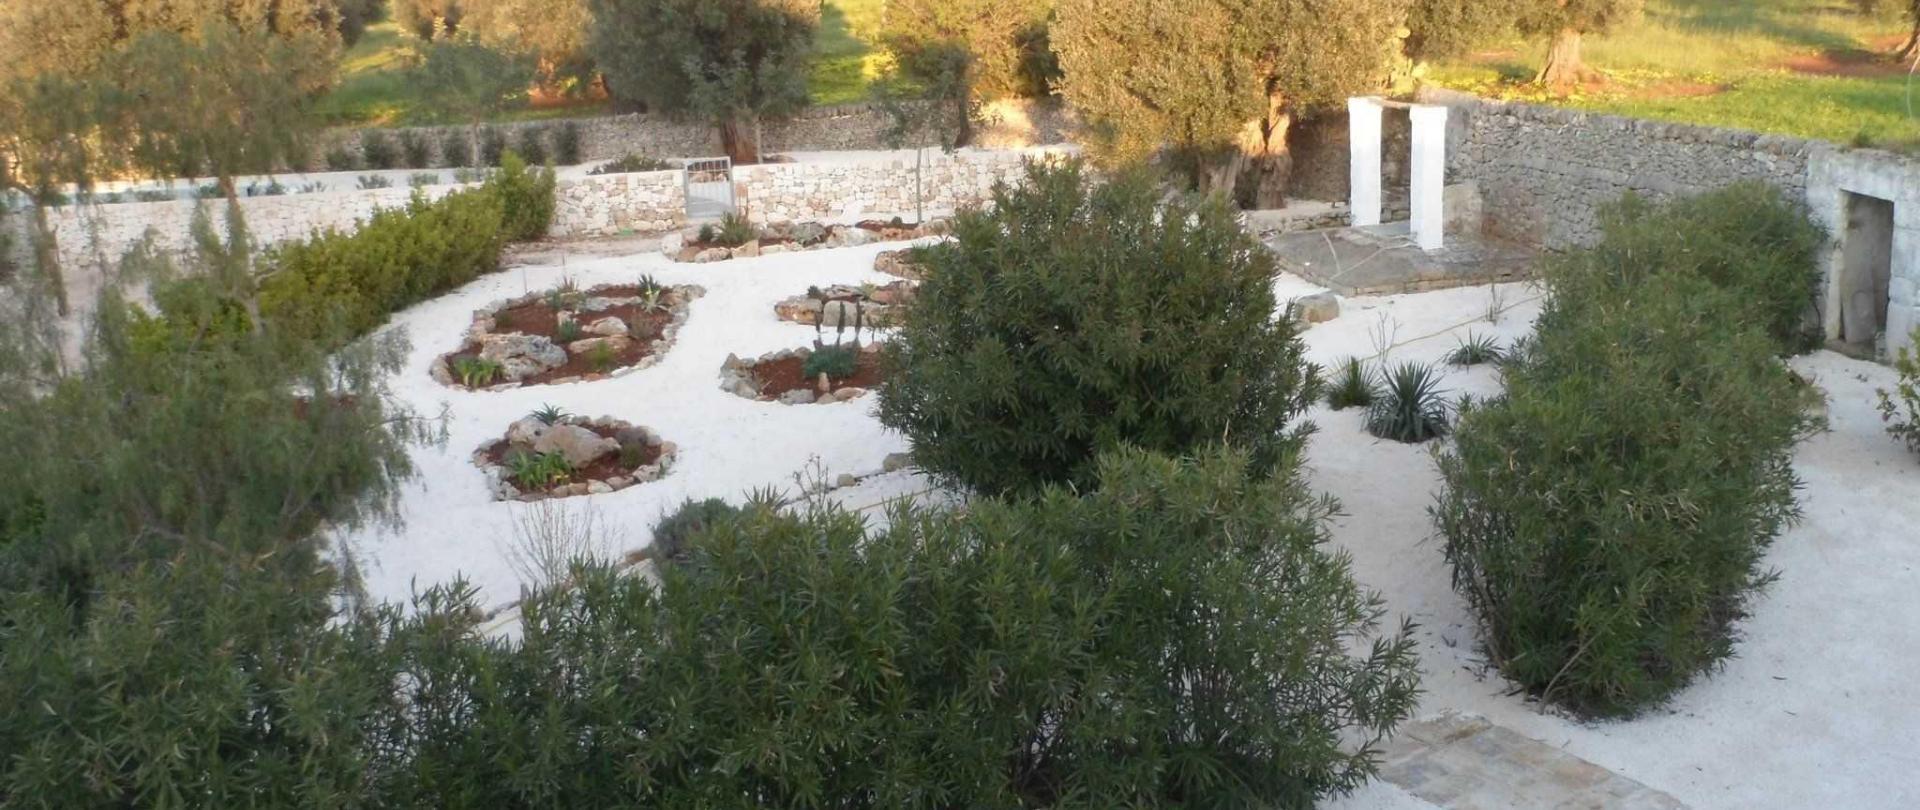 giardino-roccioso.JPG